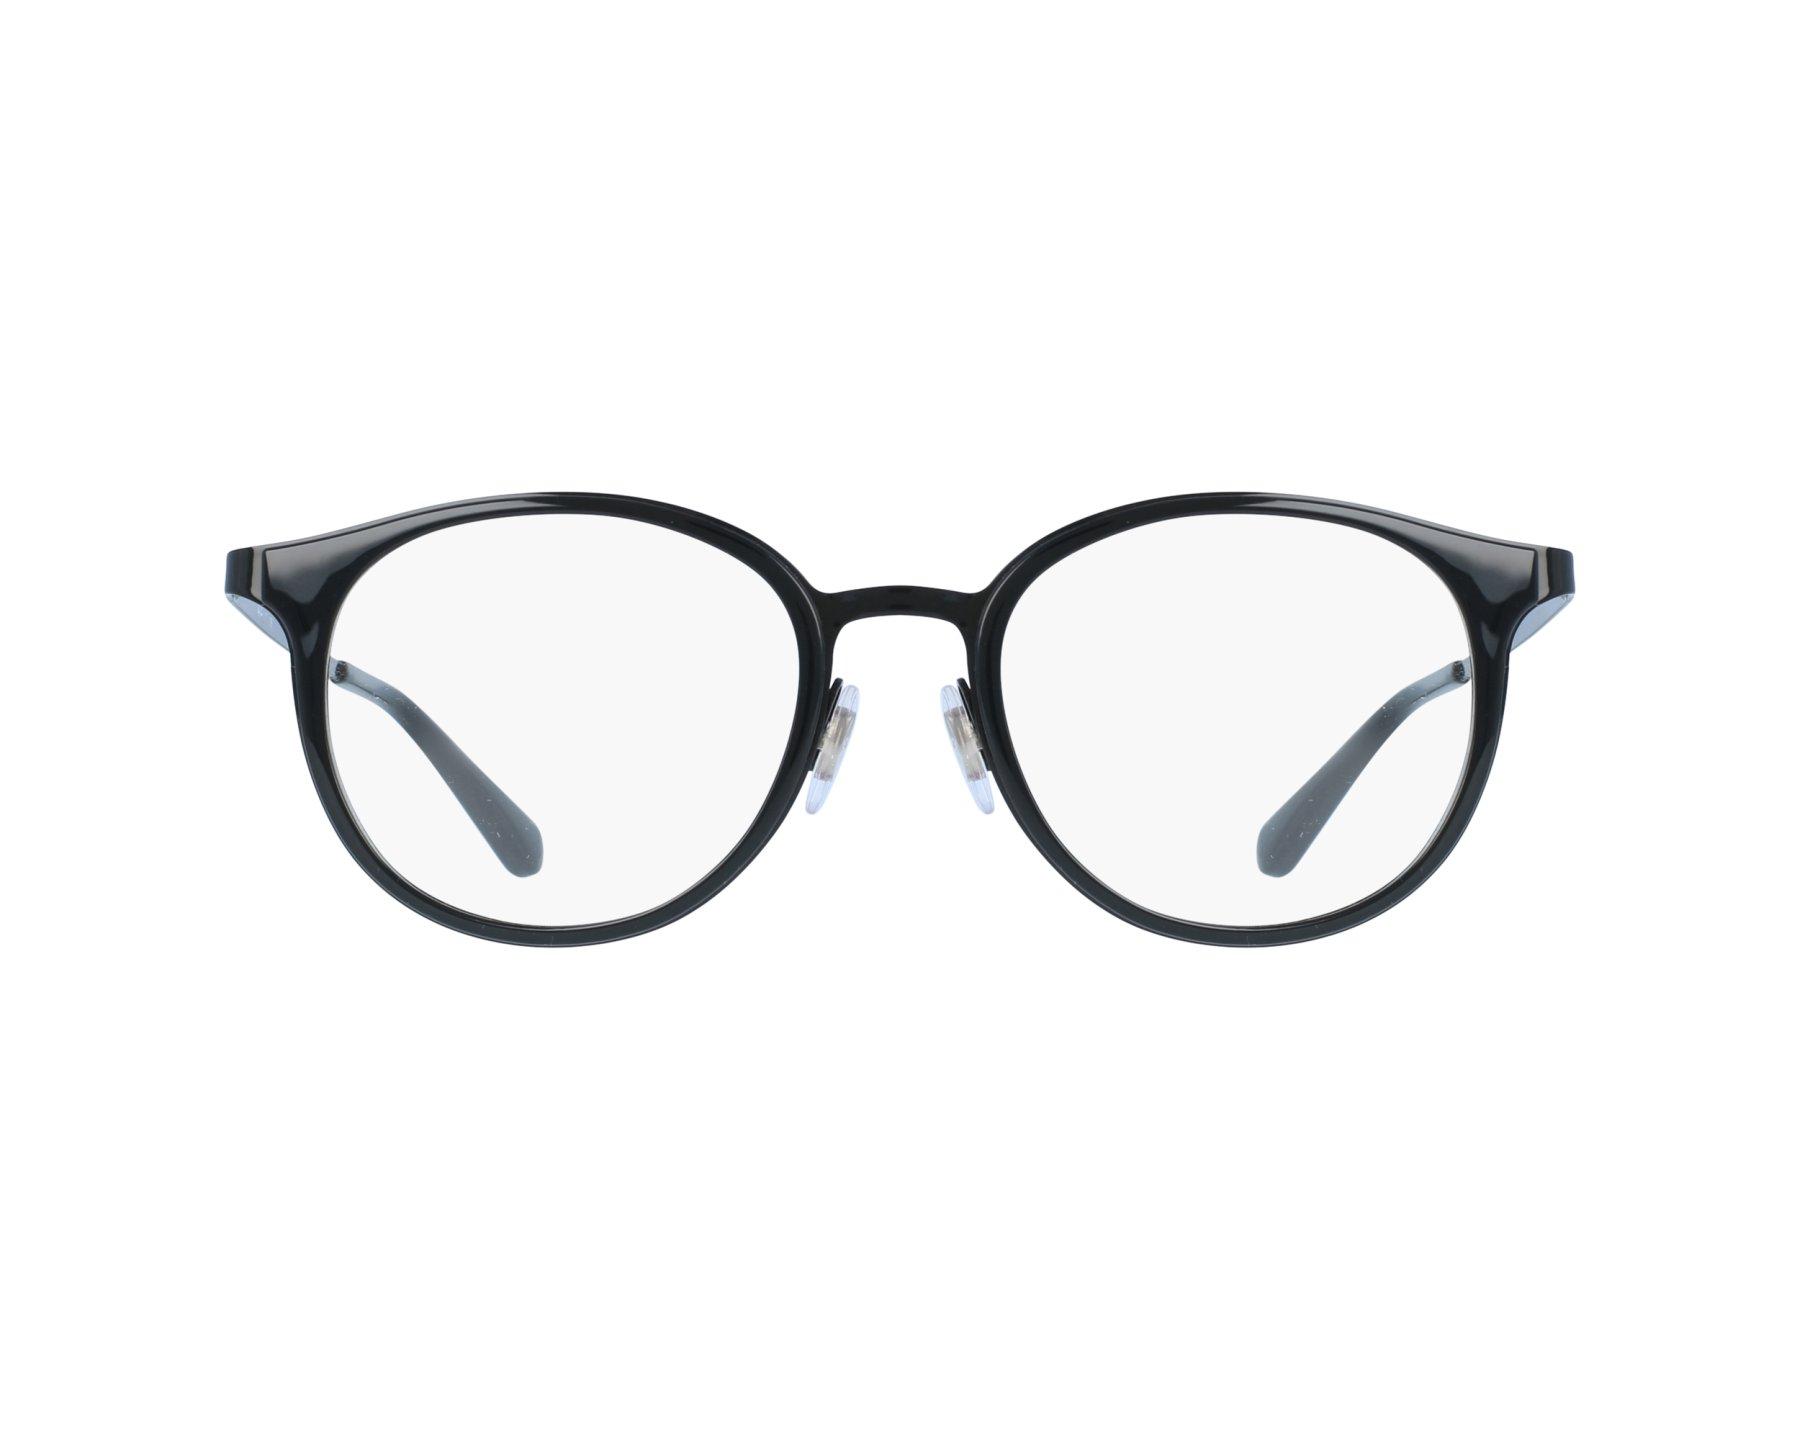 d91aae0b609 eyeglasses Ray-Ban RX-6372-M 2509 50-19 Black profile view